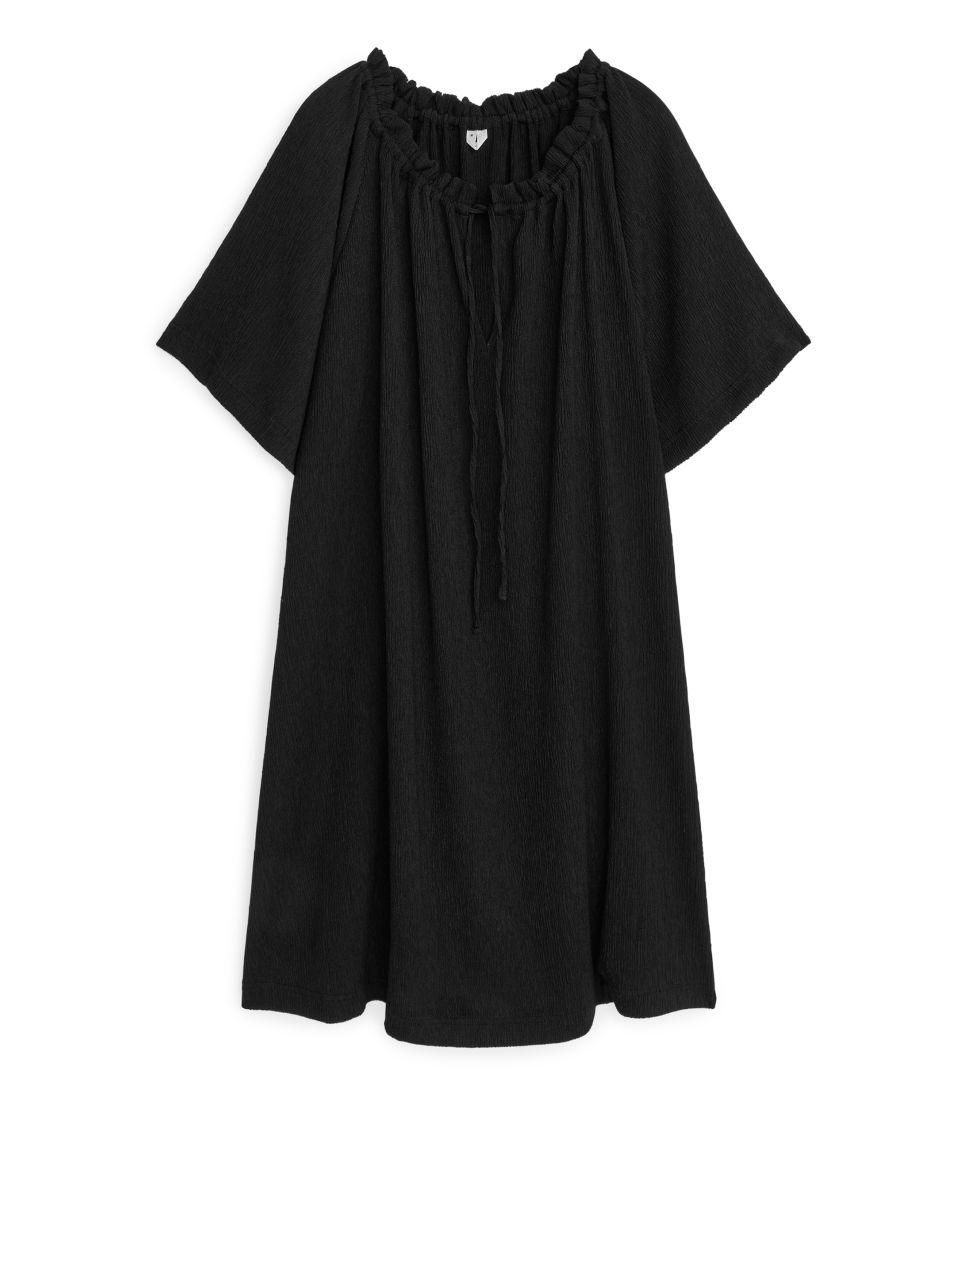 Textured Jersey Dress - Black